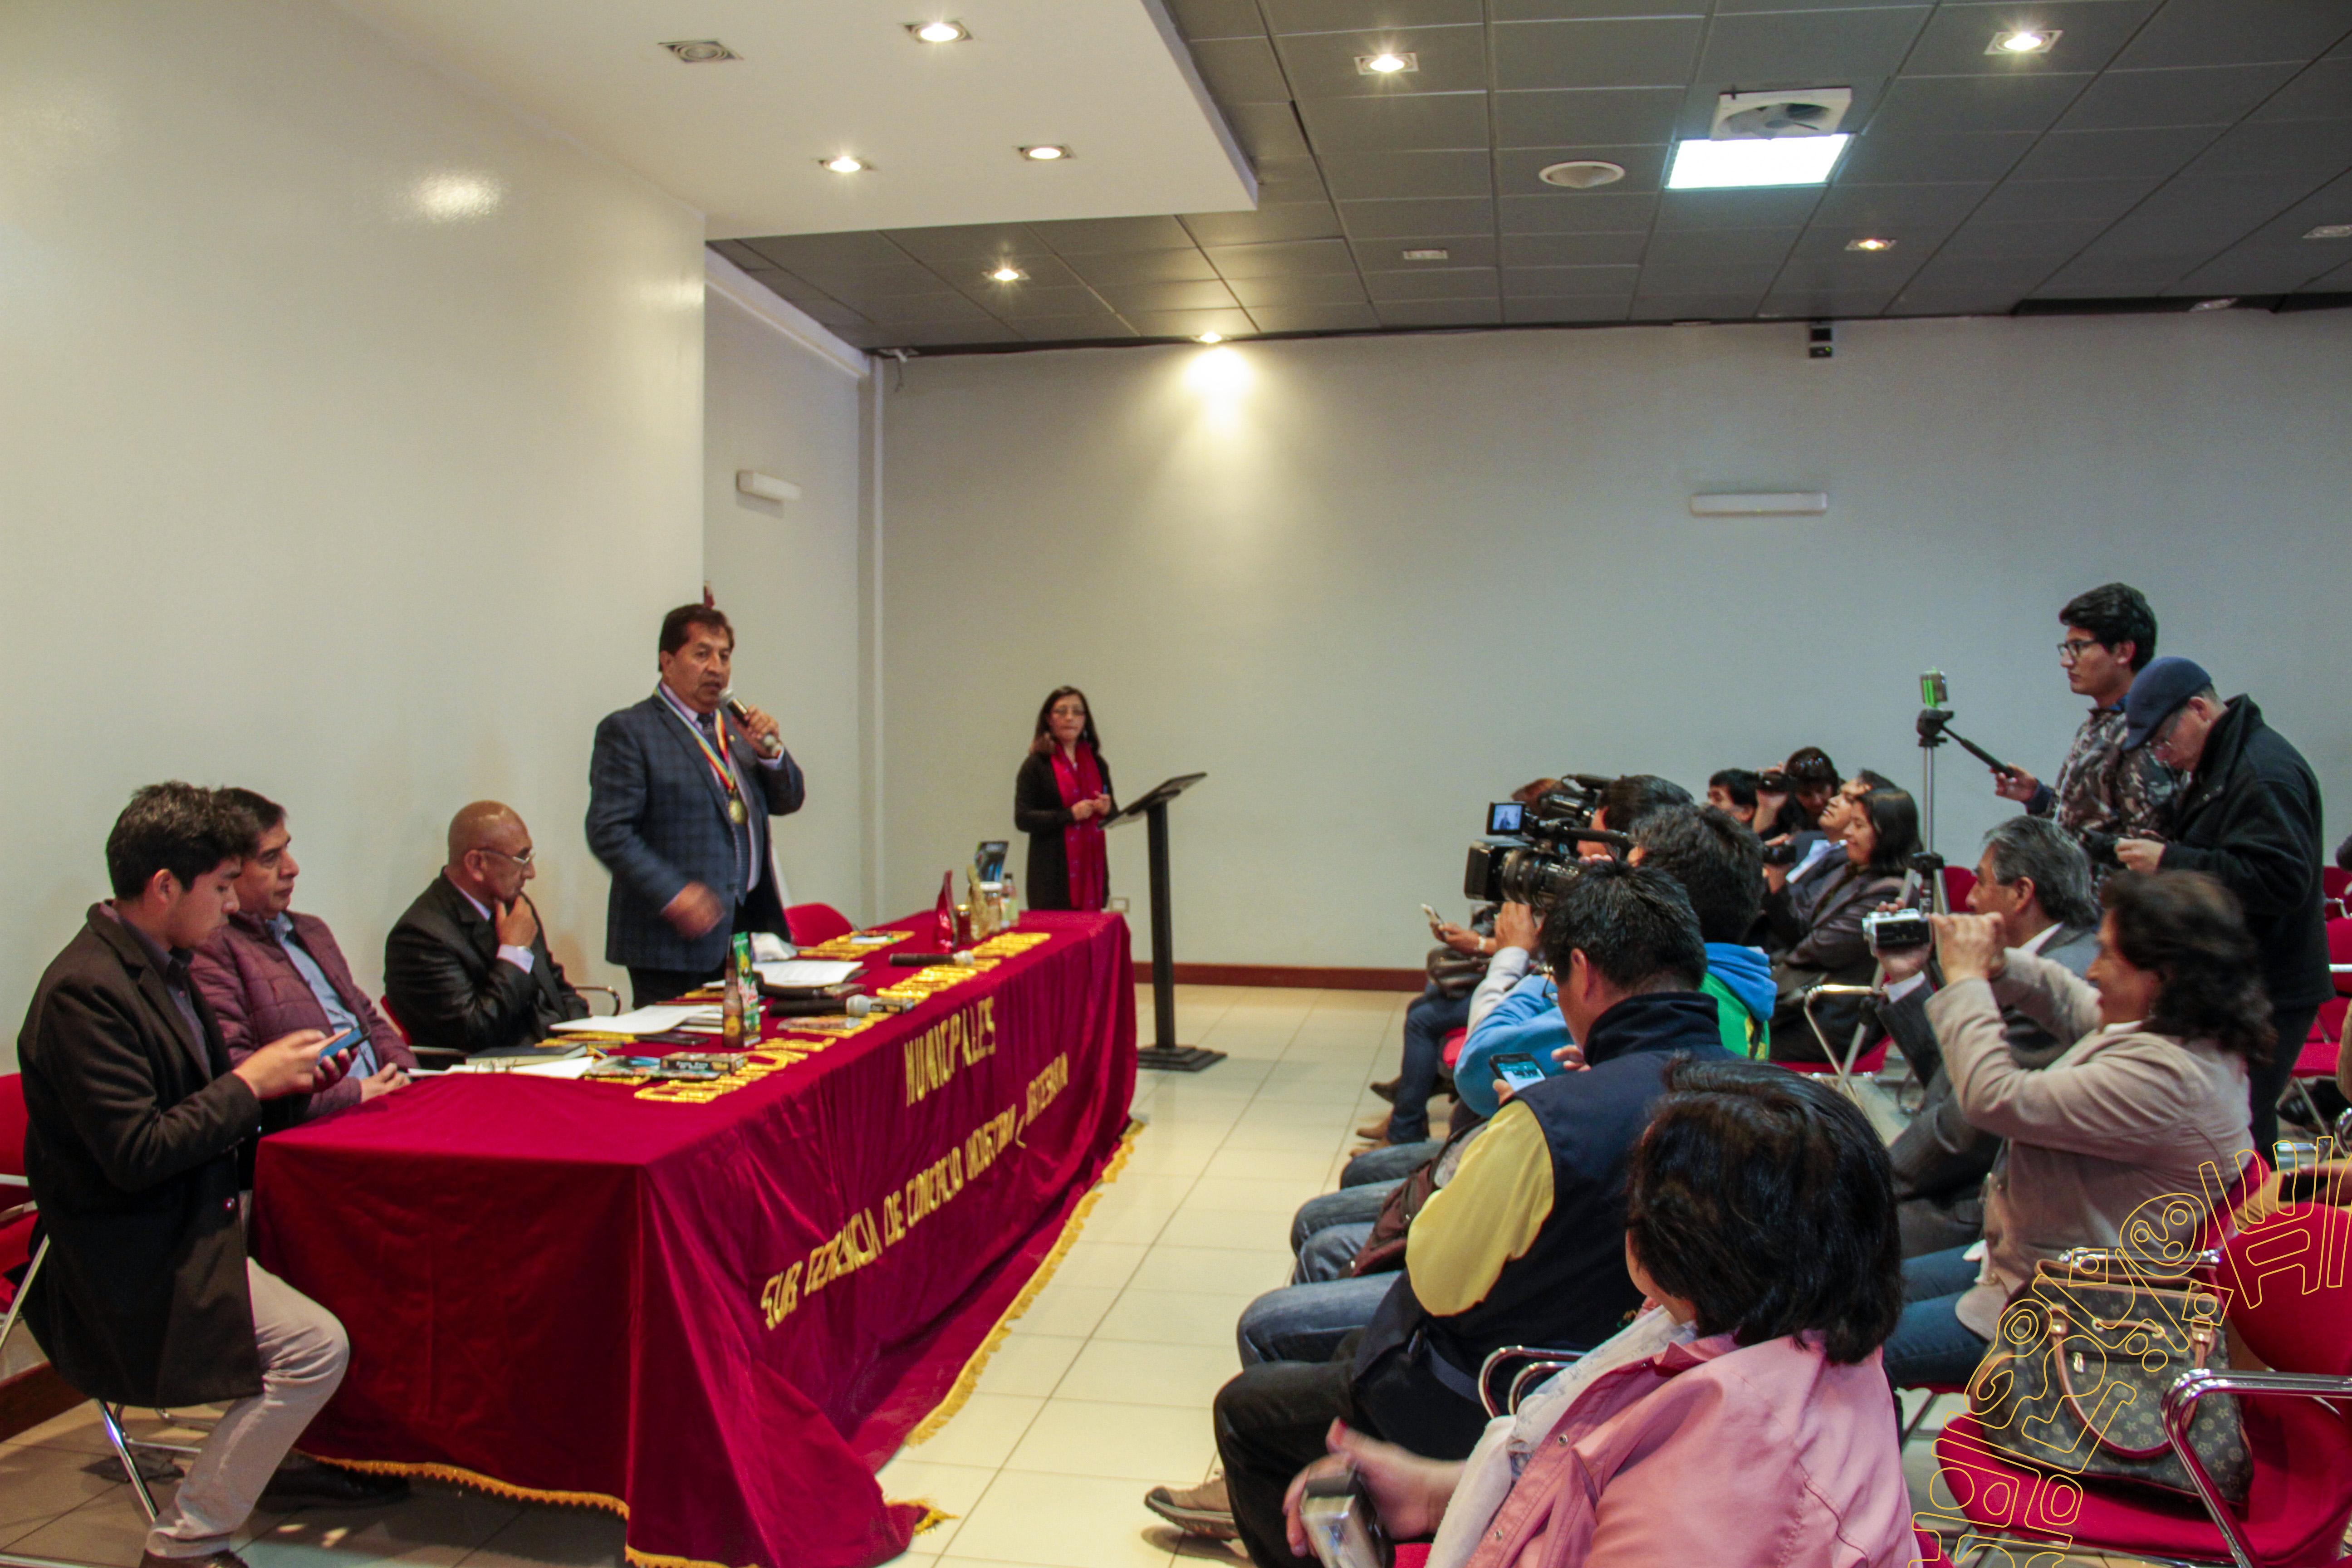 """LA """"FERIA KUSI LLANKAY"""" SE DESARROLLARÁ  EN EL BARRIO DE SAN BLAS LOS DÍAS LOS DIAS 21,22 Y 23."""